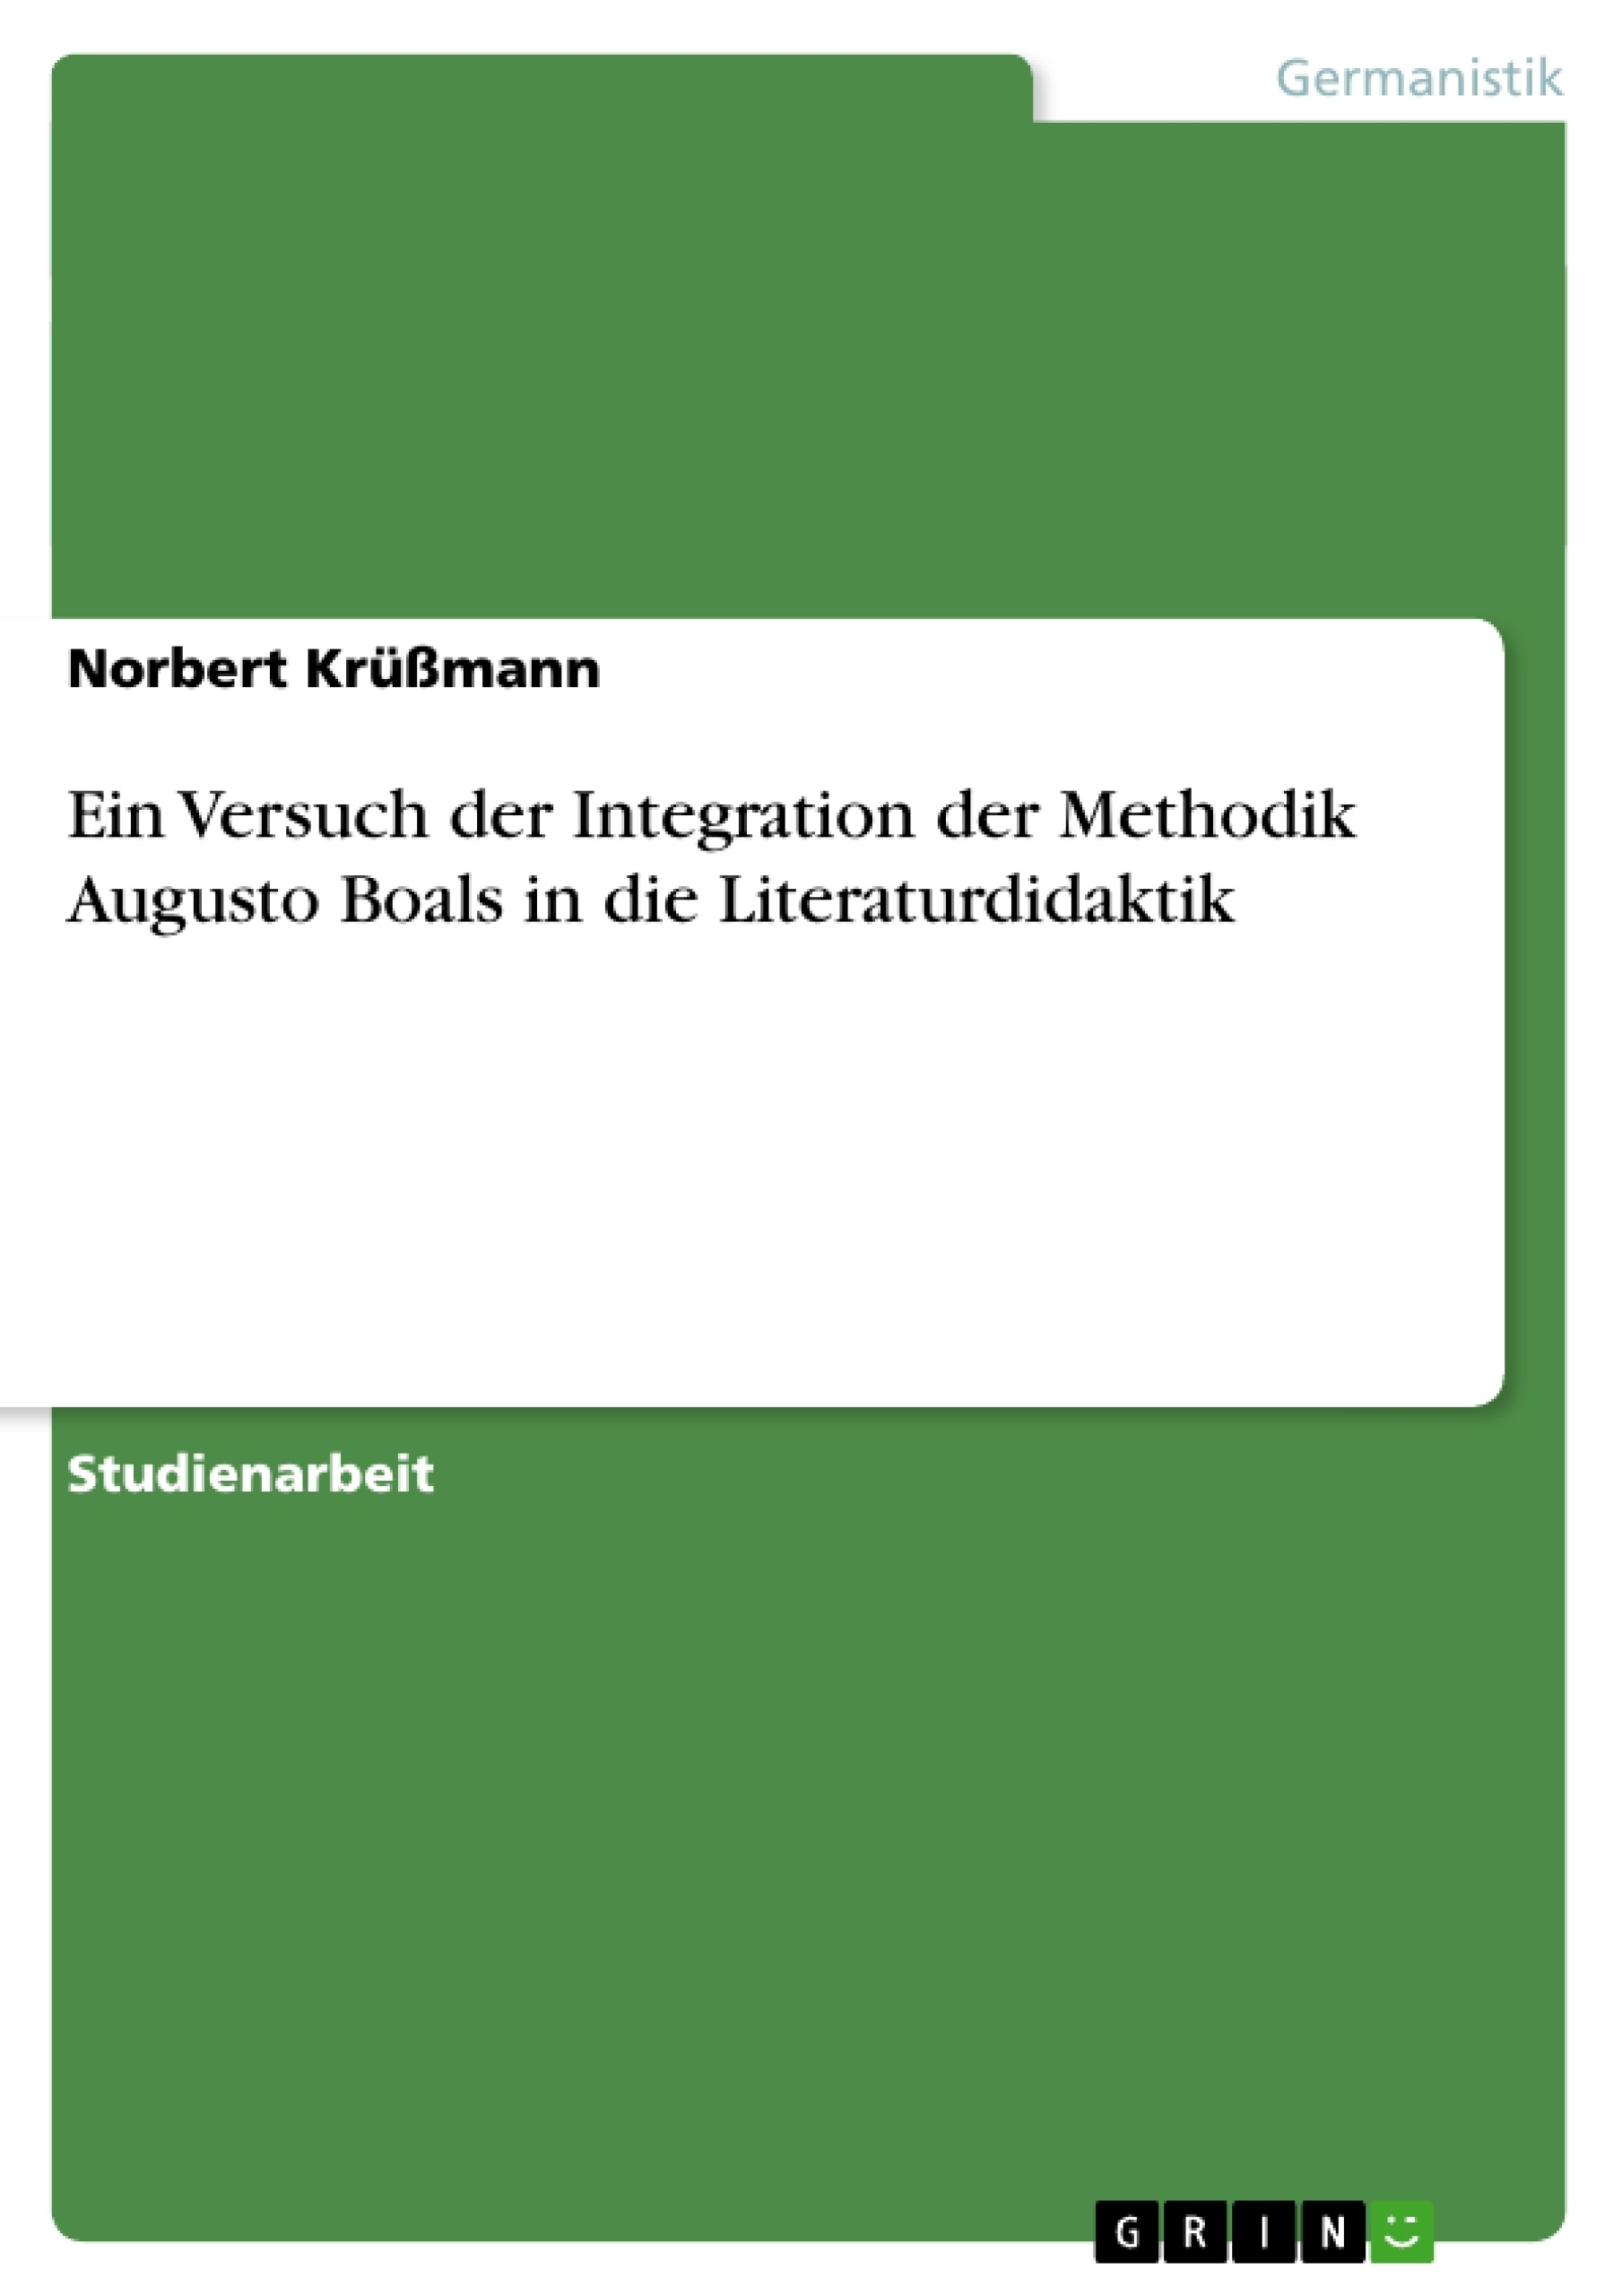 Titel: Ein Versuch der Integration der Methodik Augusto Boals in die Literaturdidaktik